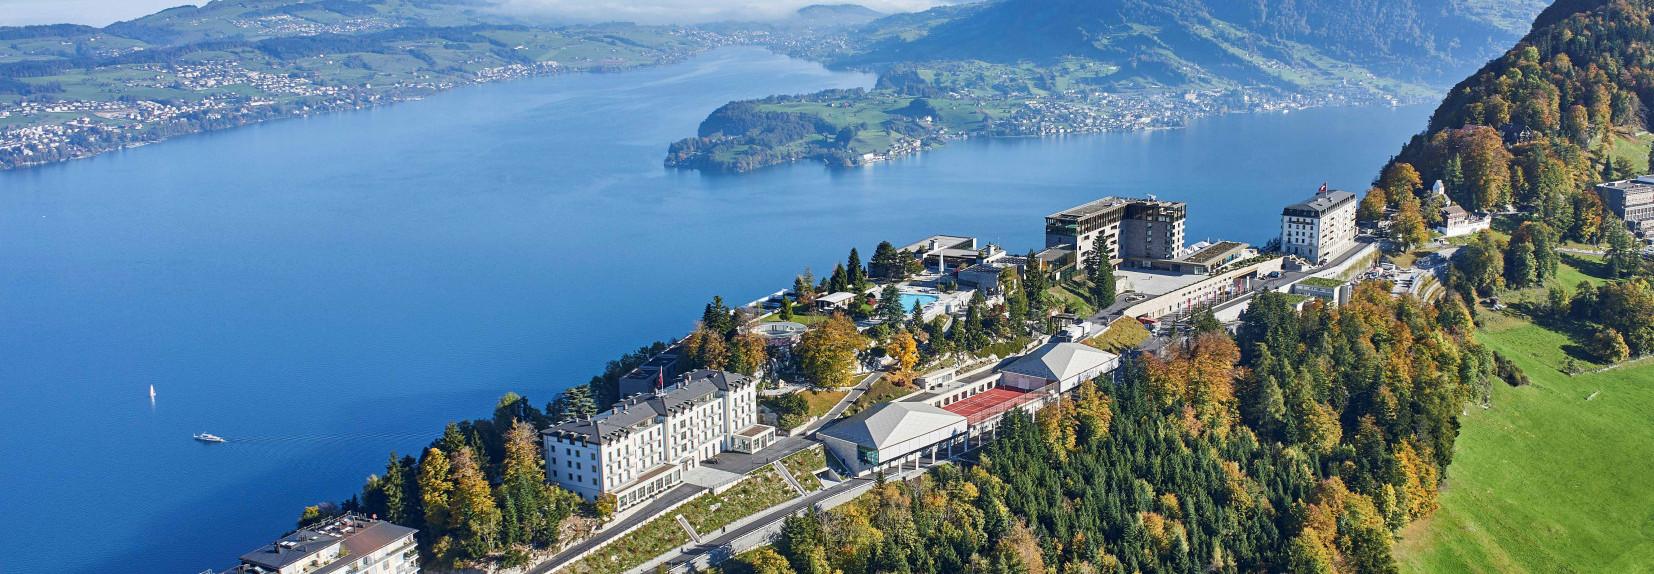 Resort Bürgenstock and Lake Lucerne.